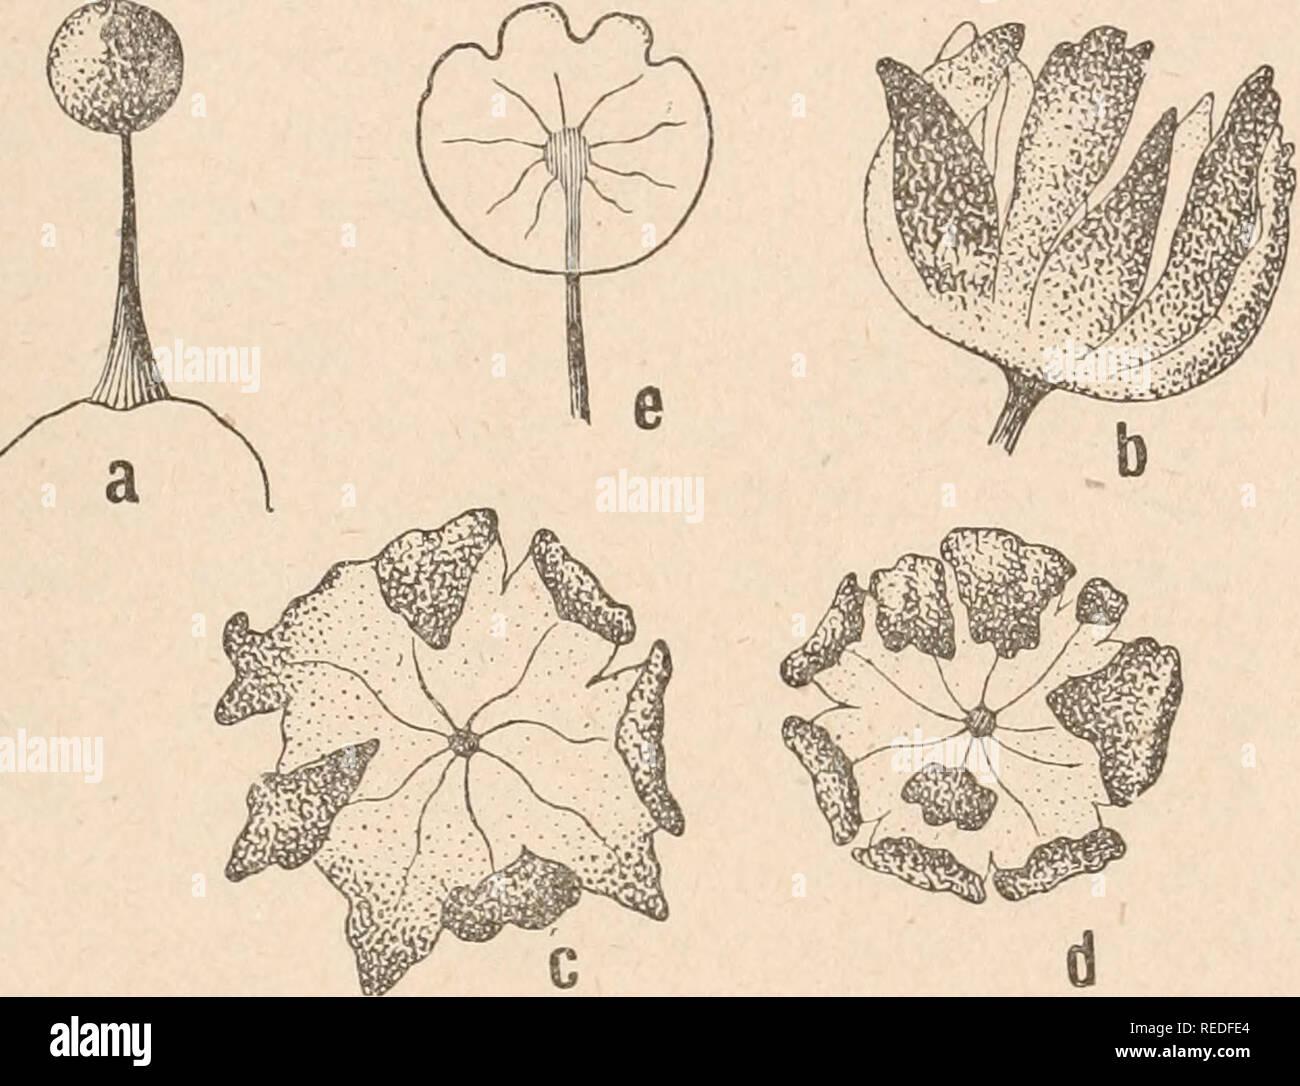 . Dr. L. Rabenhorst's Kryptogamen-Flora von Deutschland, Oesterreich und der Schweiz. Cryptogams -- Germany; Cryptogams -- Austria; Cryptogams -- Switzerland. 411 Columella lang, am obern Ende in 7 bis 10 einfache oder selten gegabelte, braune, straffe Capillitiumfäden ausstrahlend, die einzeln, selten zu zweien an den Peridielappen befestigt sind. Sporen im durchfallenden Lichte braun, warzig, seltener nahezu glatt, 7—9 ju. Schweiz (Jura: Chasseron, auf Lebermoosen wie Lophozia longiflora, L. longidens, Blepharostoma trichophyllum, bei 1400 ui; La Vaux, zwischen dem Chasserou und dem Creux-du - Stock Image